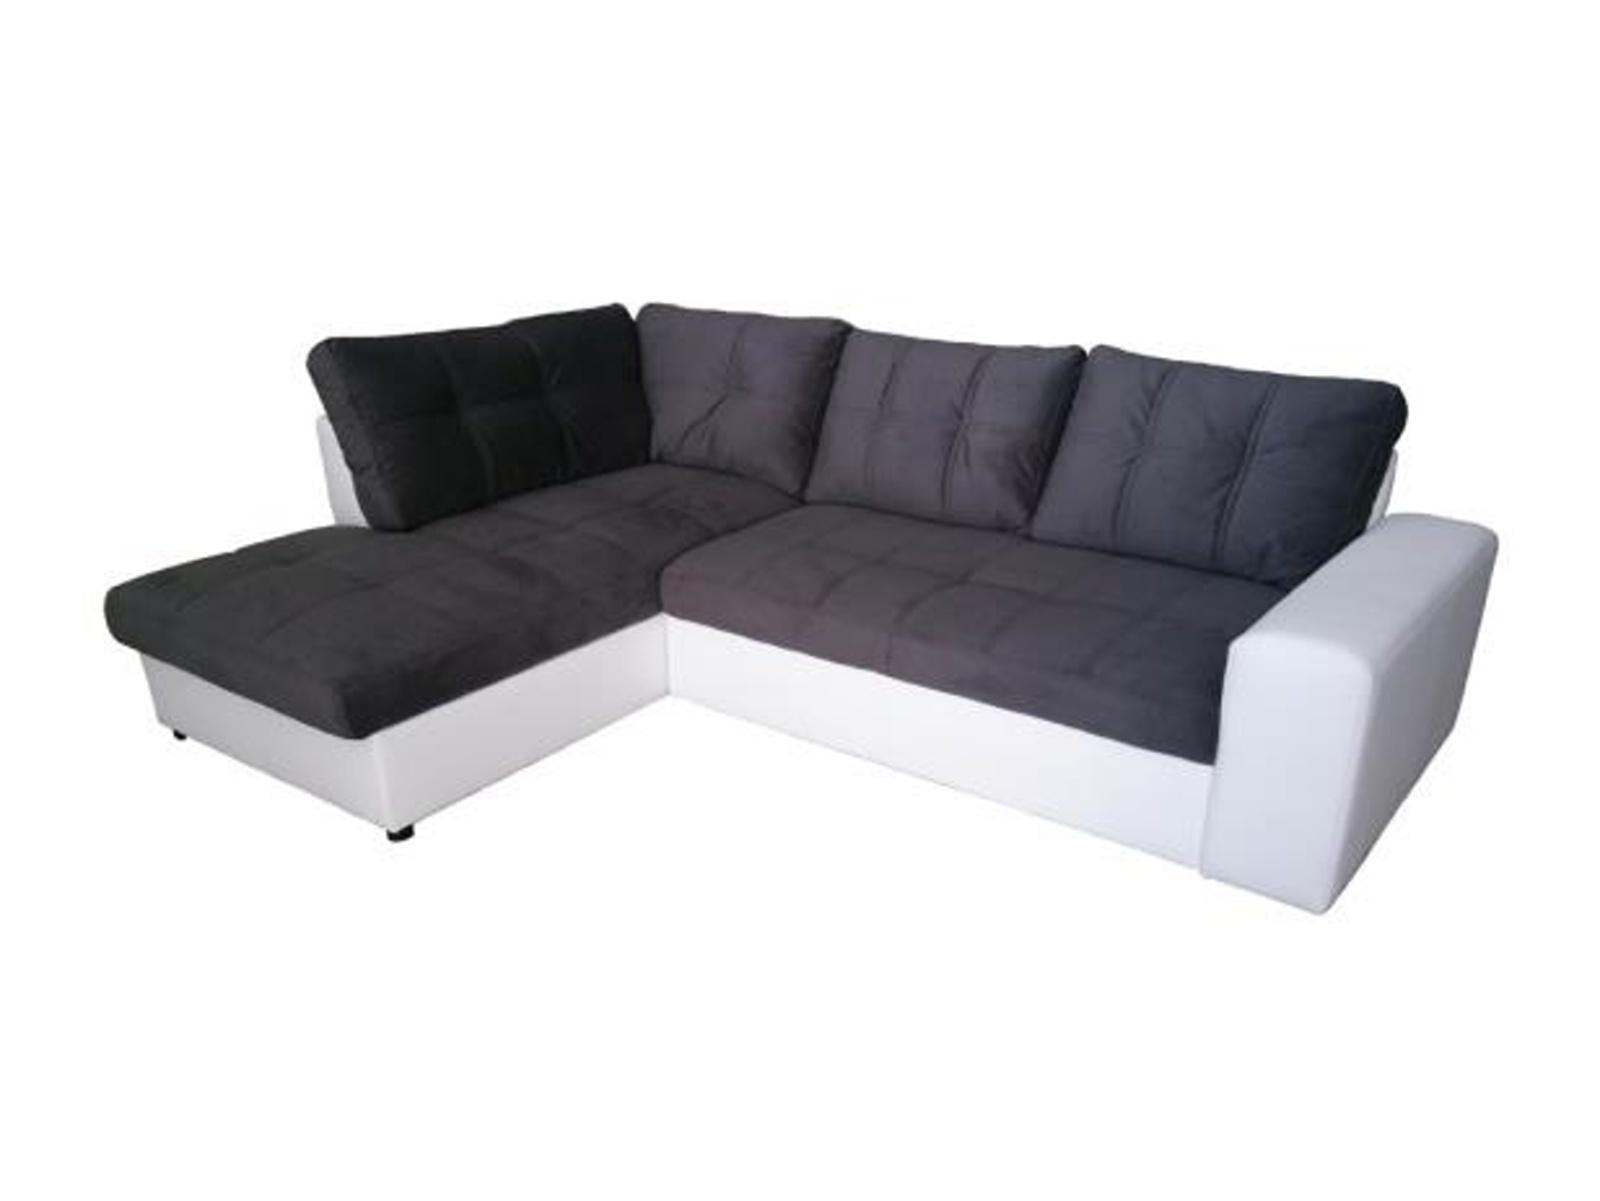 Aspol Rohová sedačka ORLANDO levá, šedá látka/bílá ekokůže